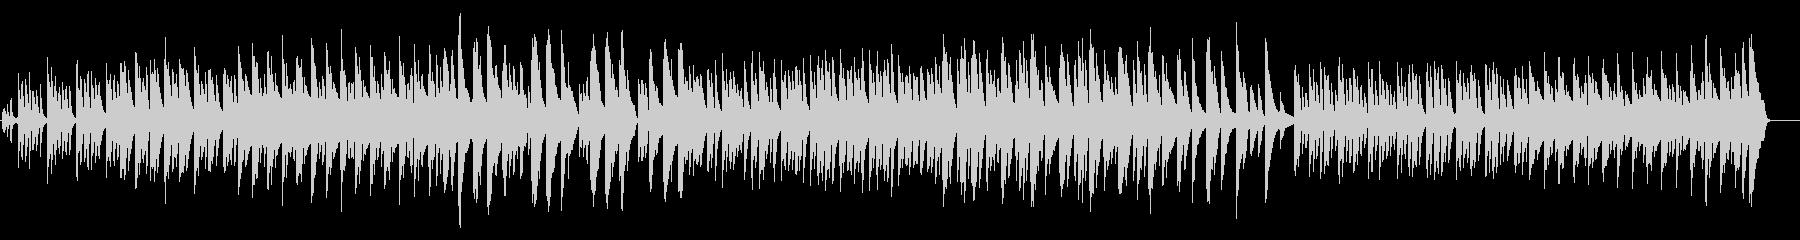 和風のピアノ曲の未再生の波形